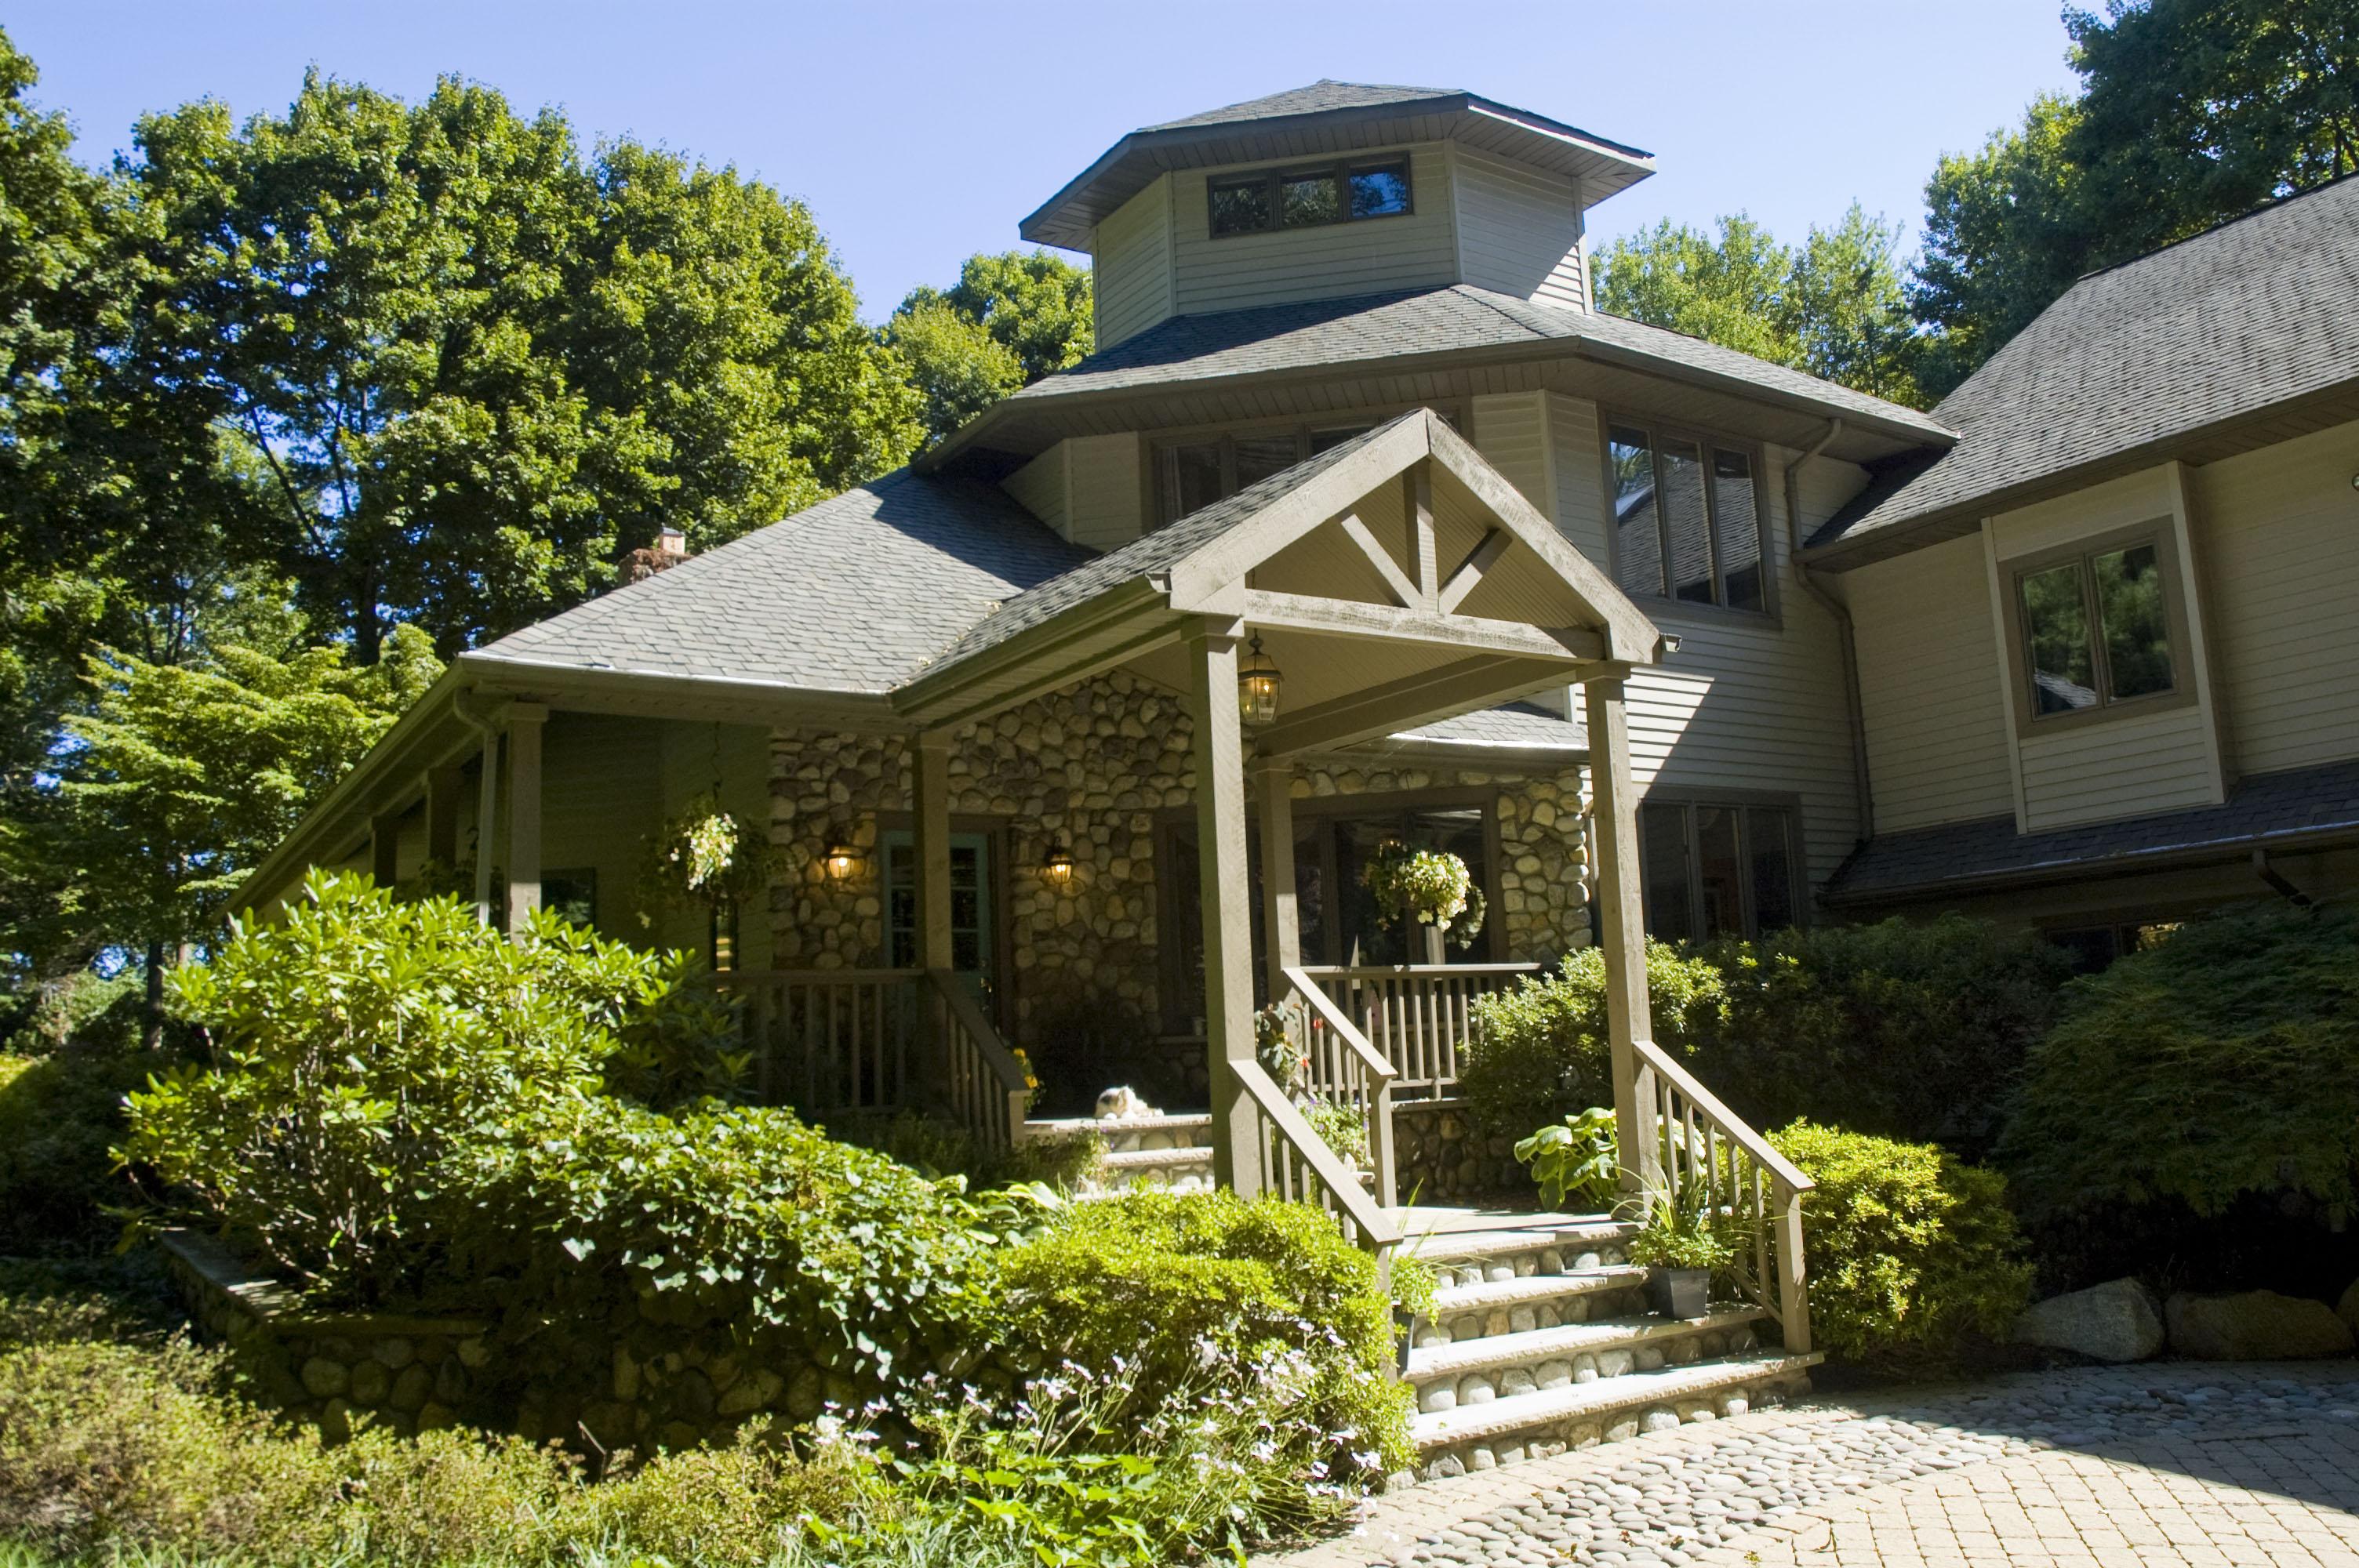 Частный односемейный дом для того Продажа на Adirondack Style Home 27 Glasgow Terrace Mahwah, 07430 Соединенные Штаты